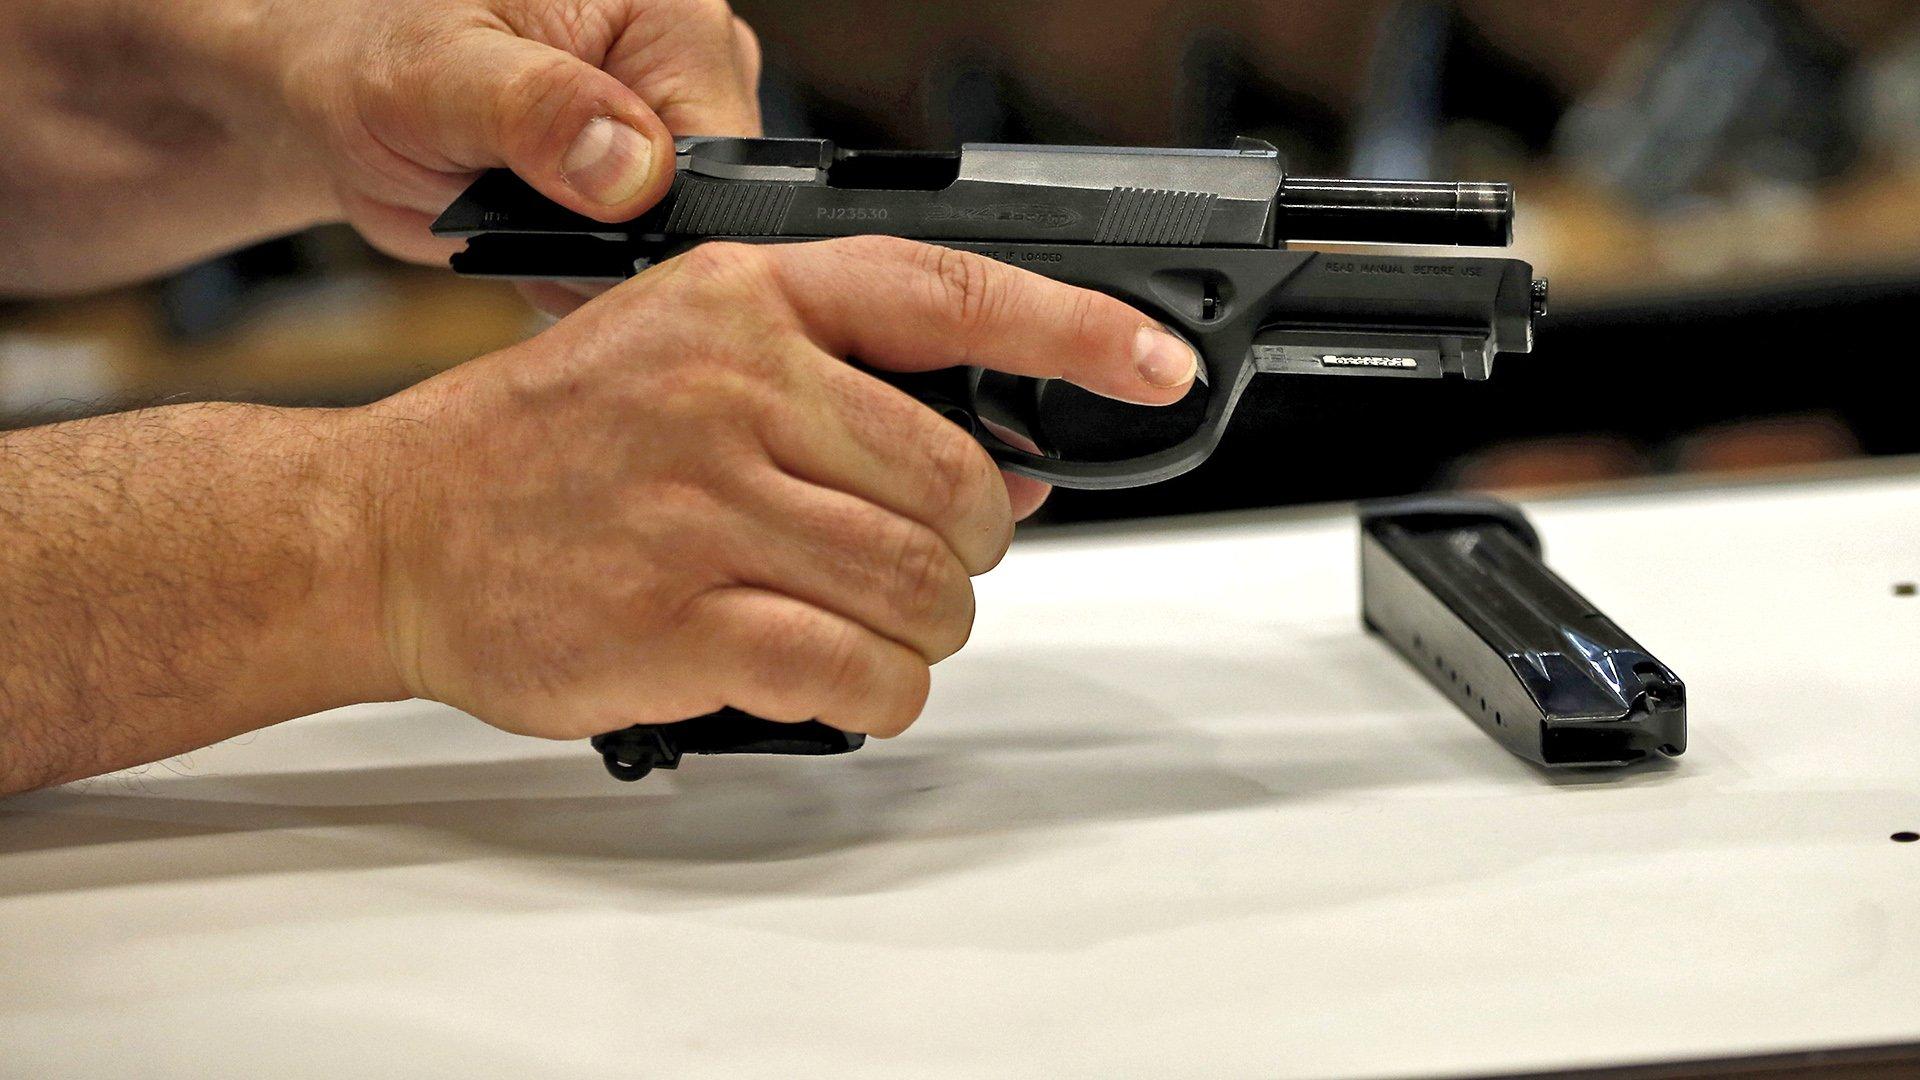 сколько стоит лицензия на травматическое оружие